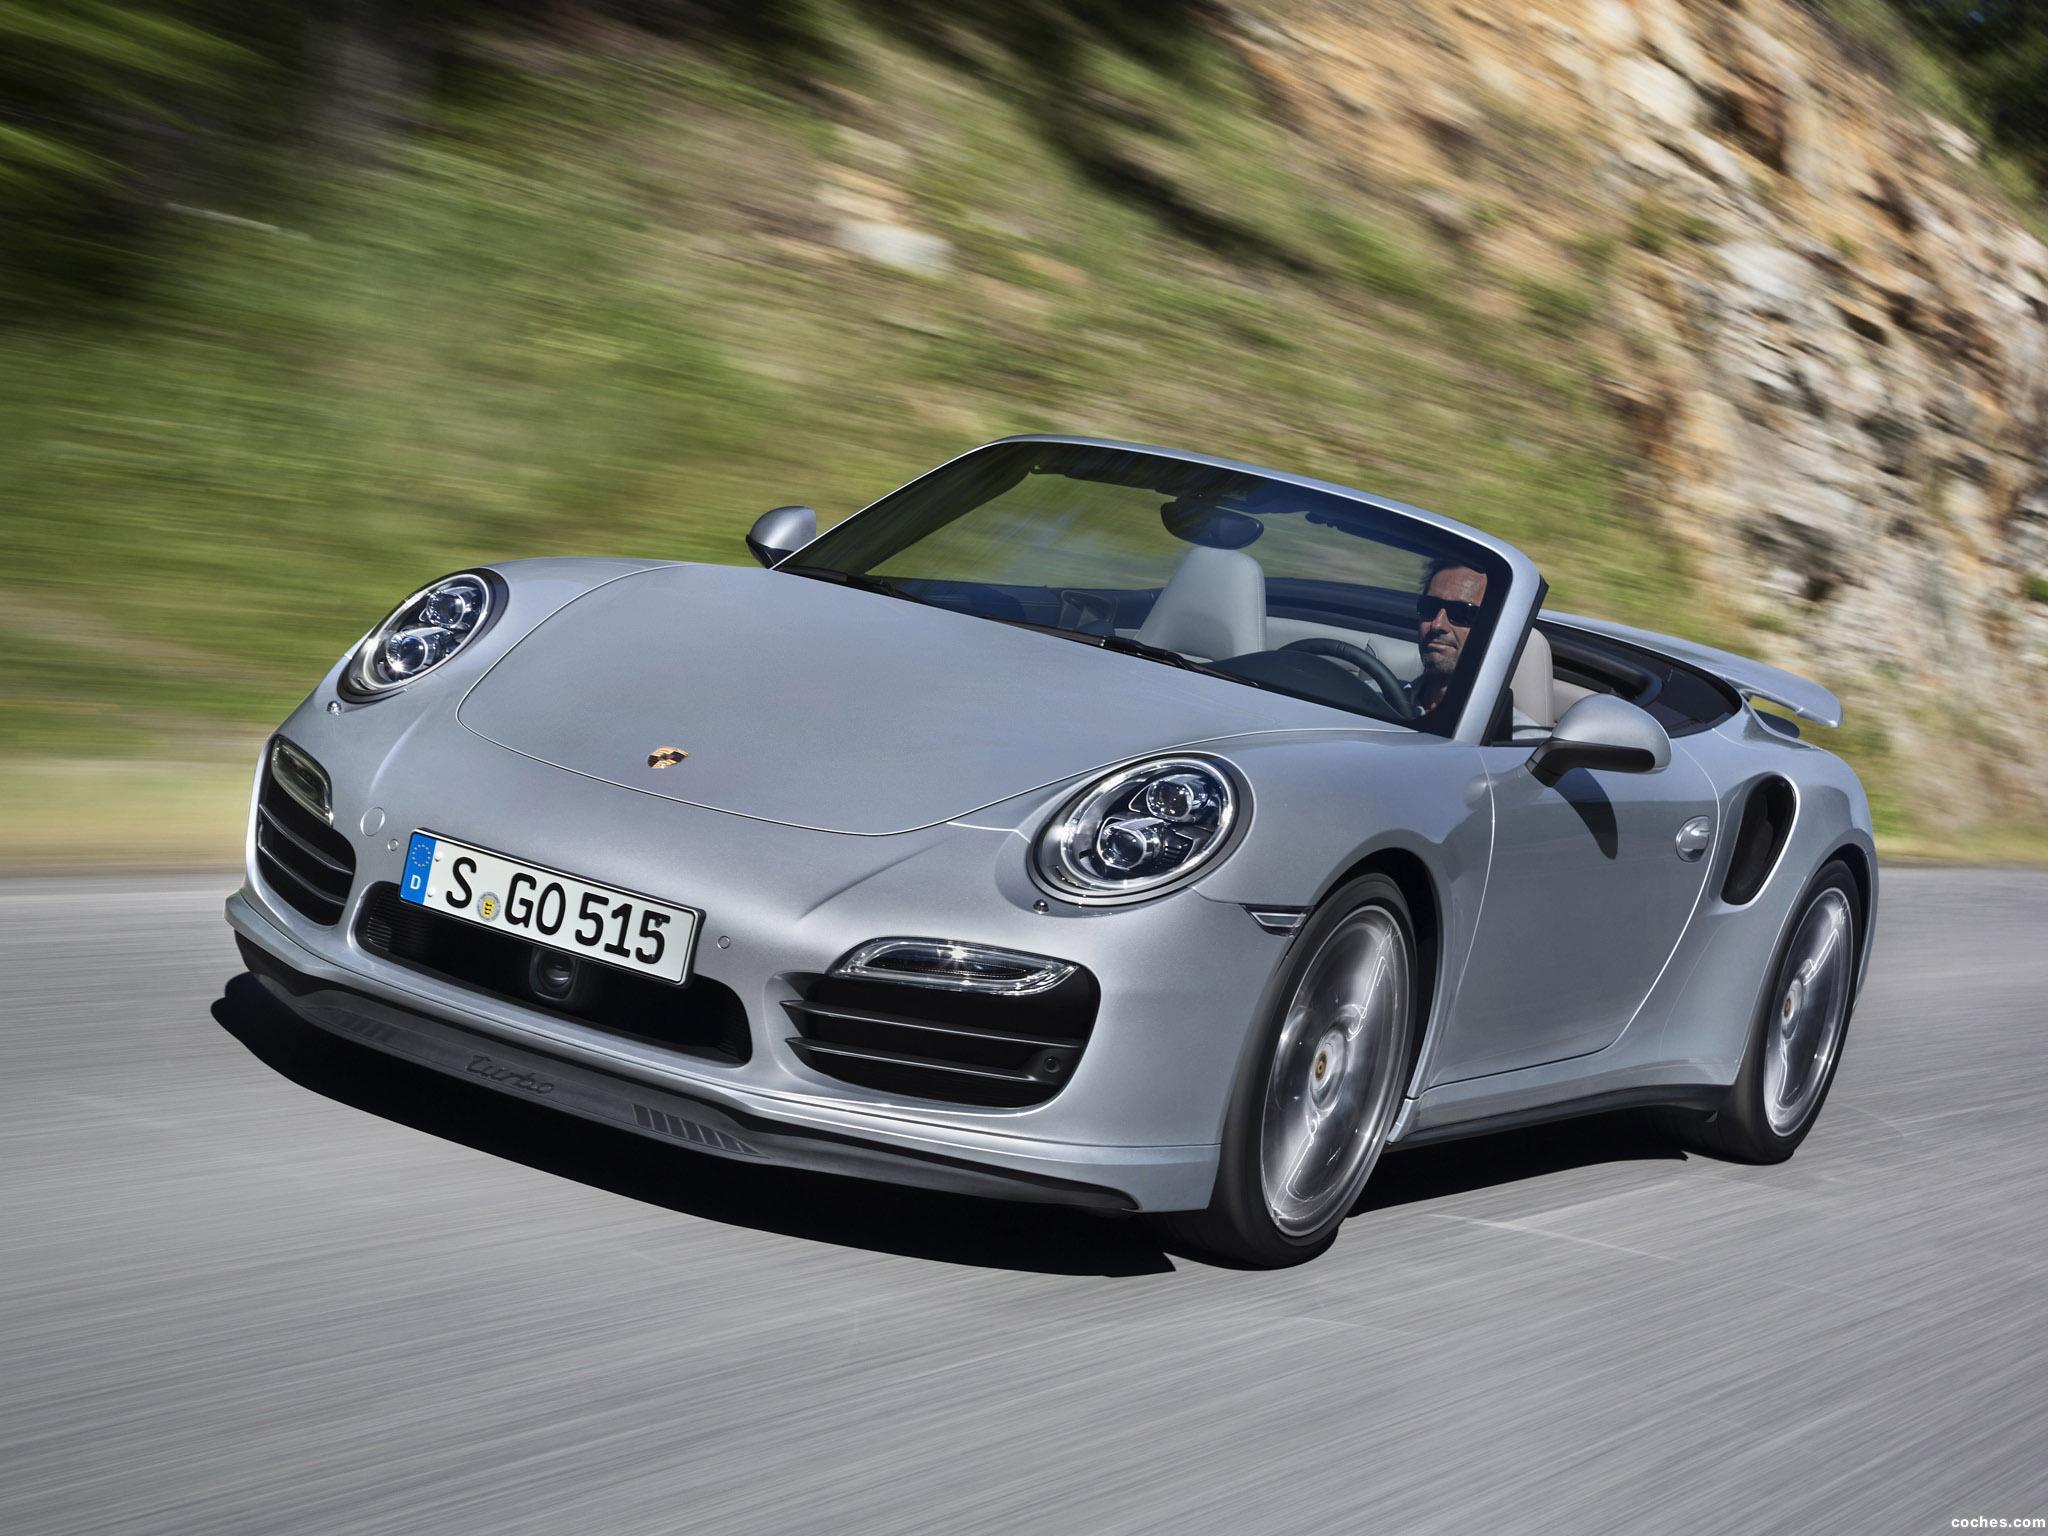 Foto 0 de Porsche 911 Turbo Cabriolet 991 2013